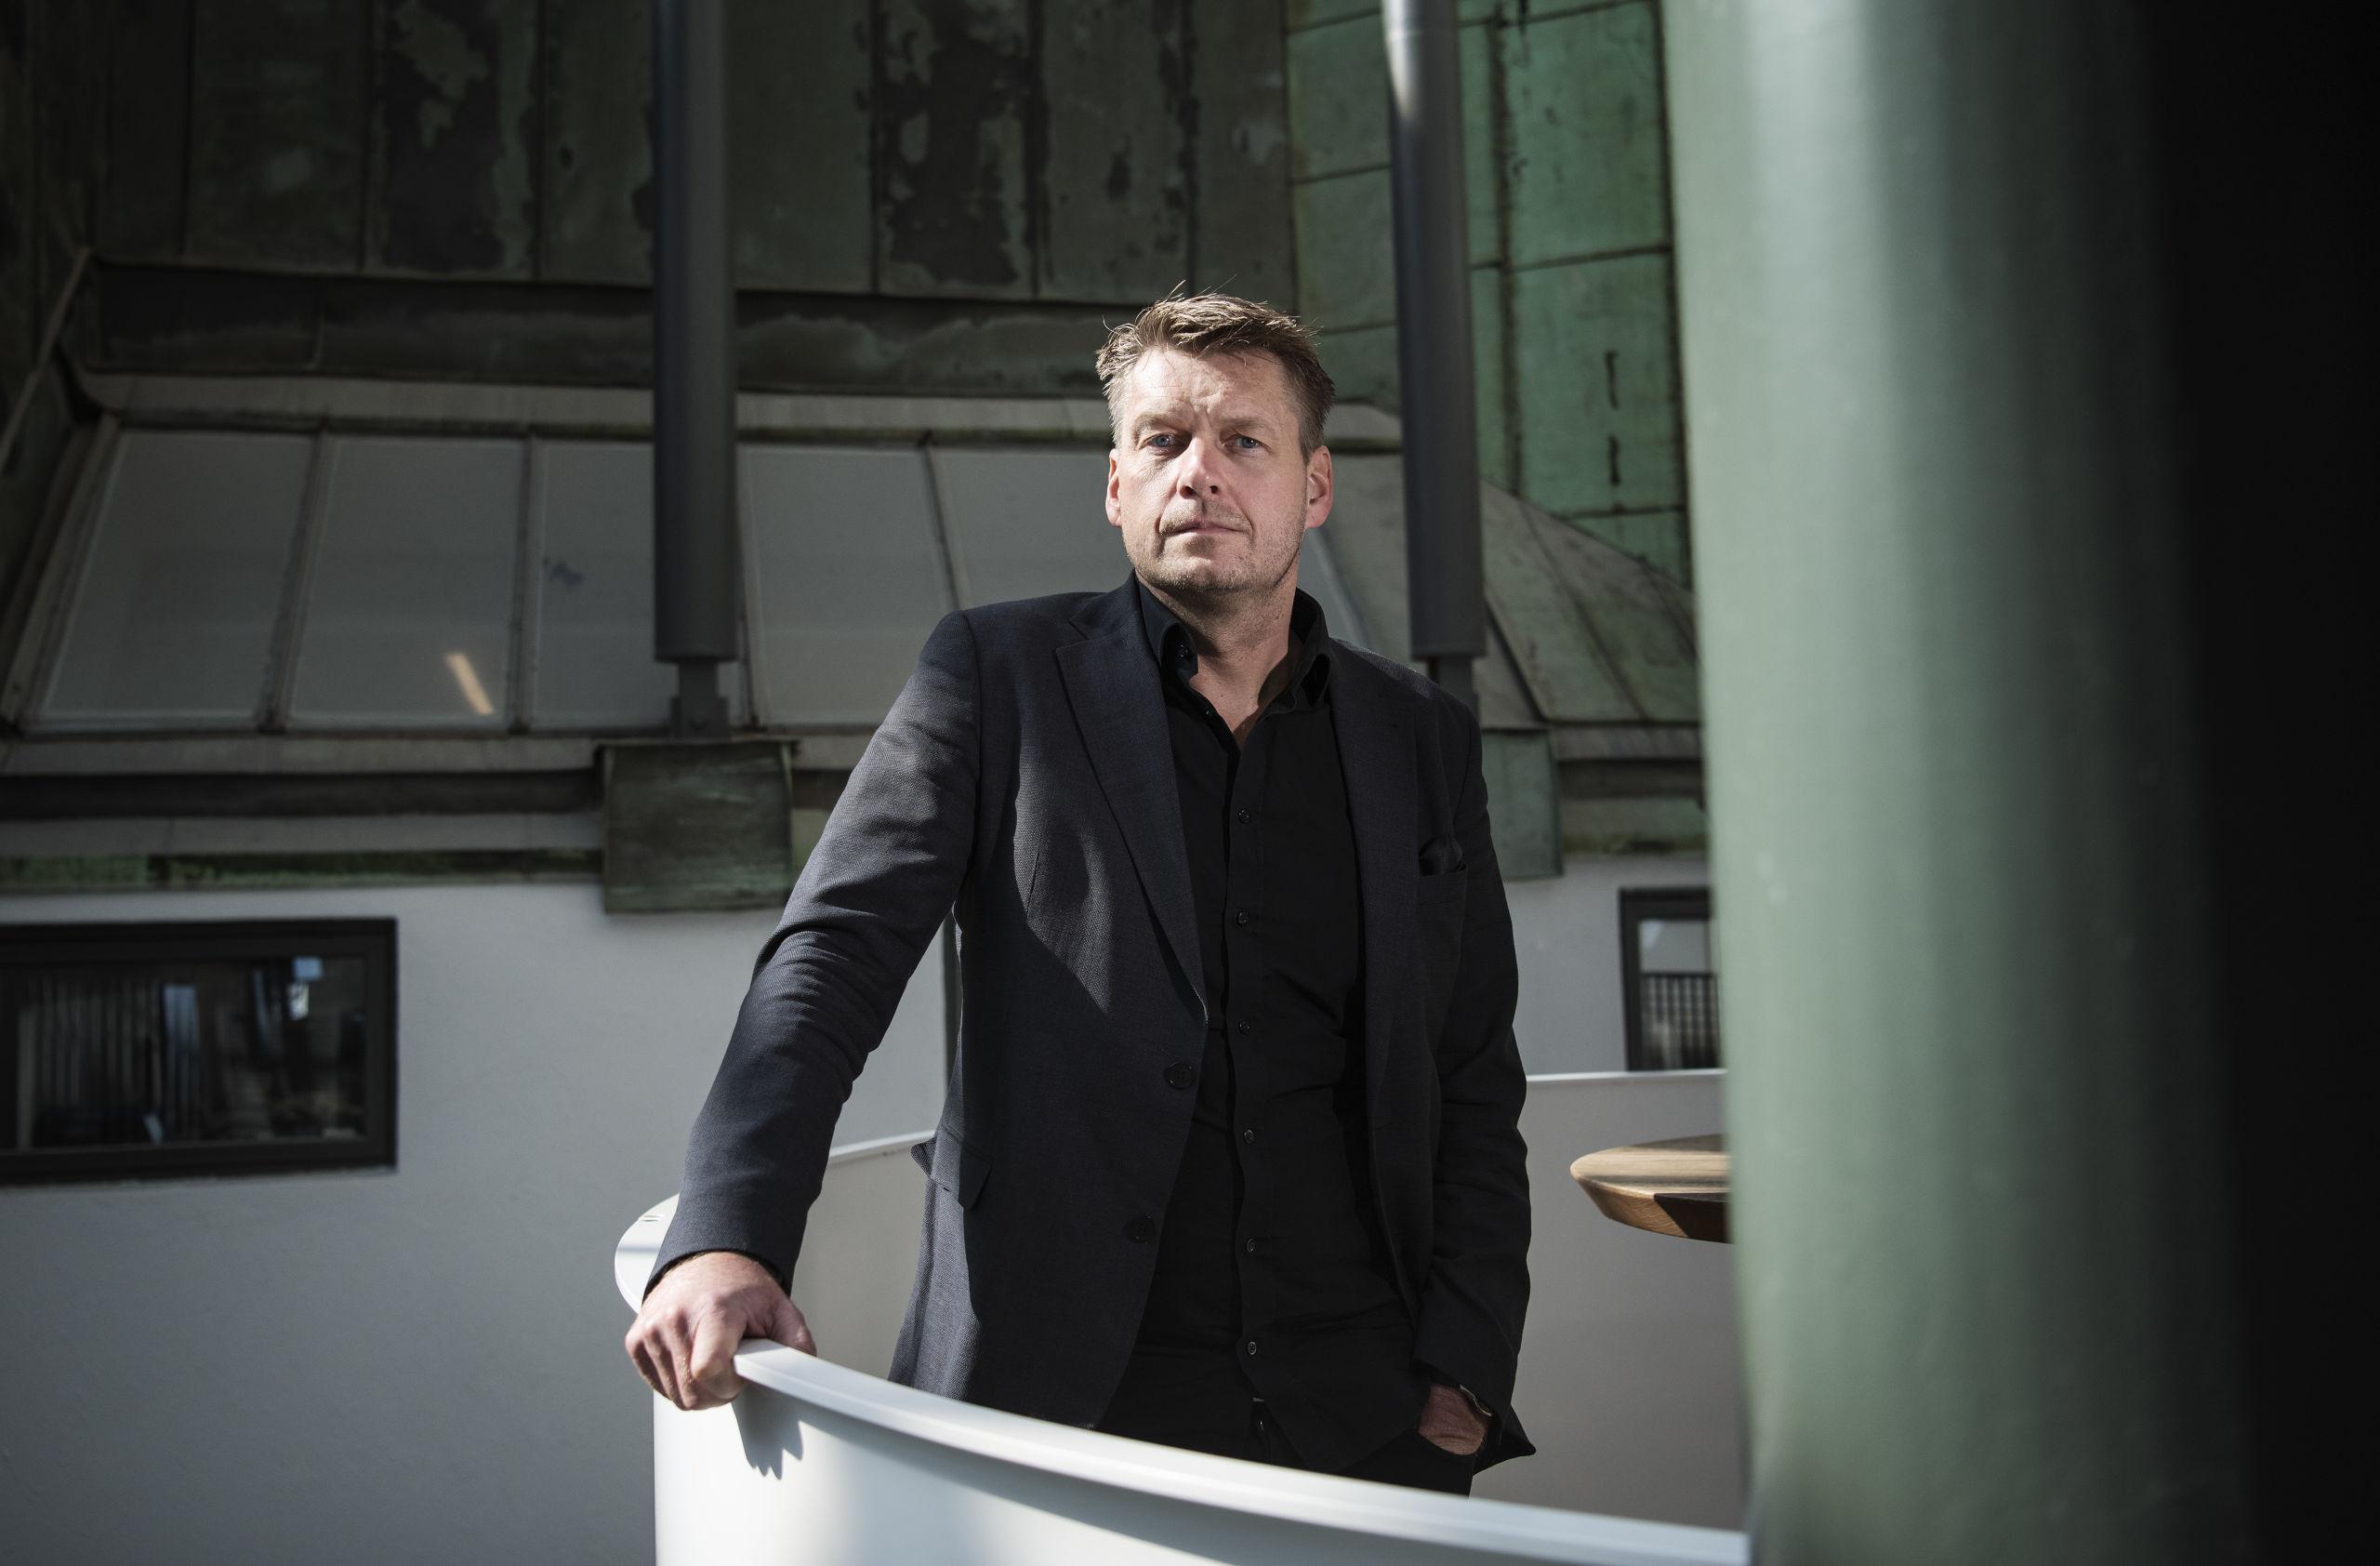 0afec7f0f7a6 Han skapar kostymer till näringslivets toppar – av petflaskor |  Göteborgs-Posten - Ekonomi